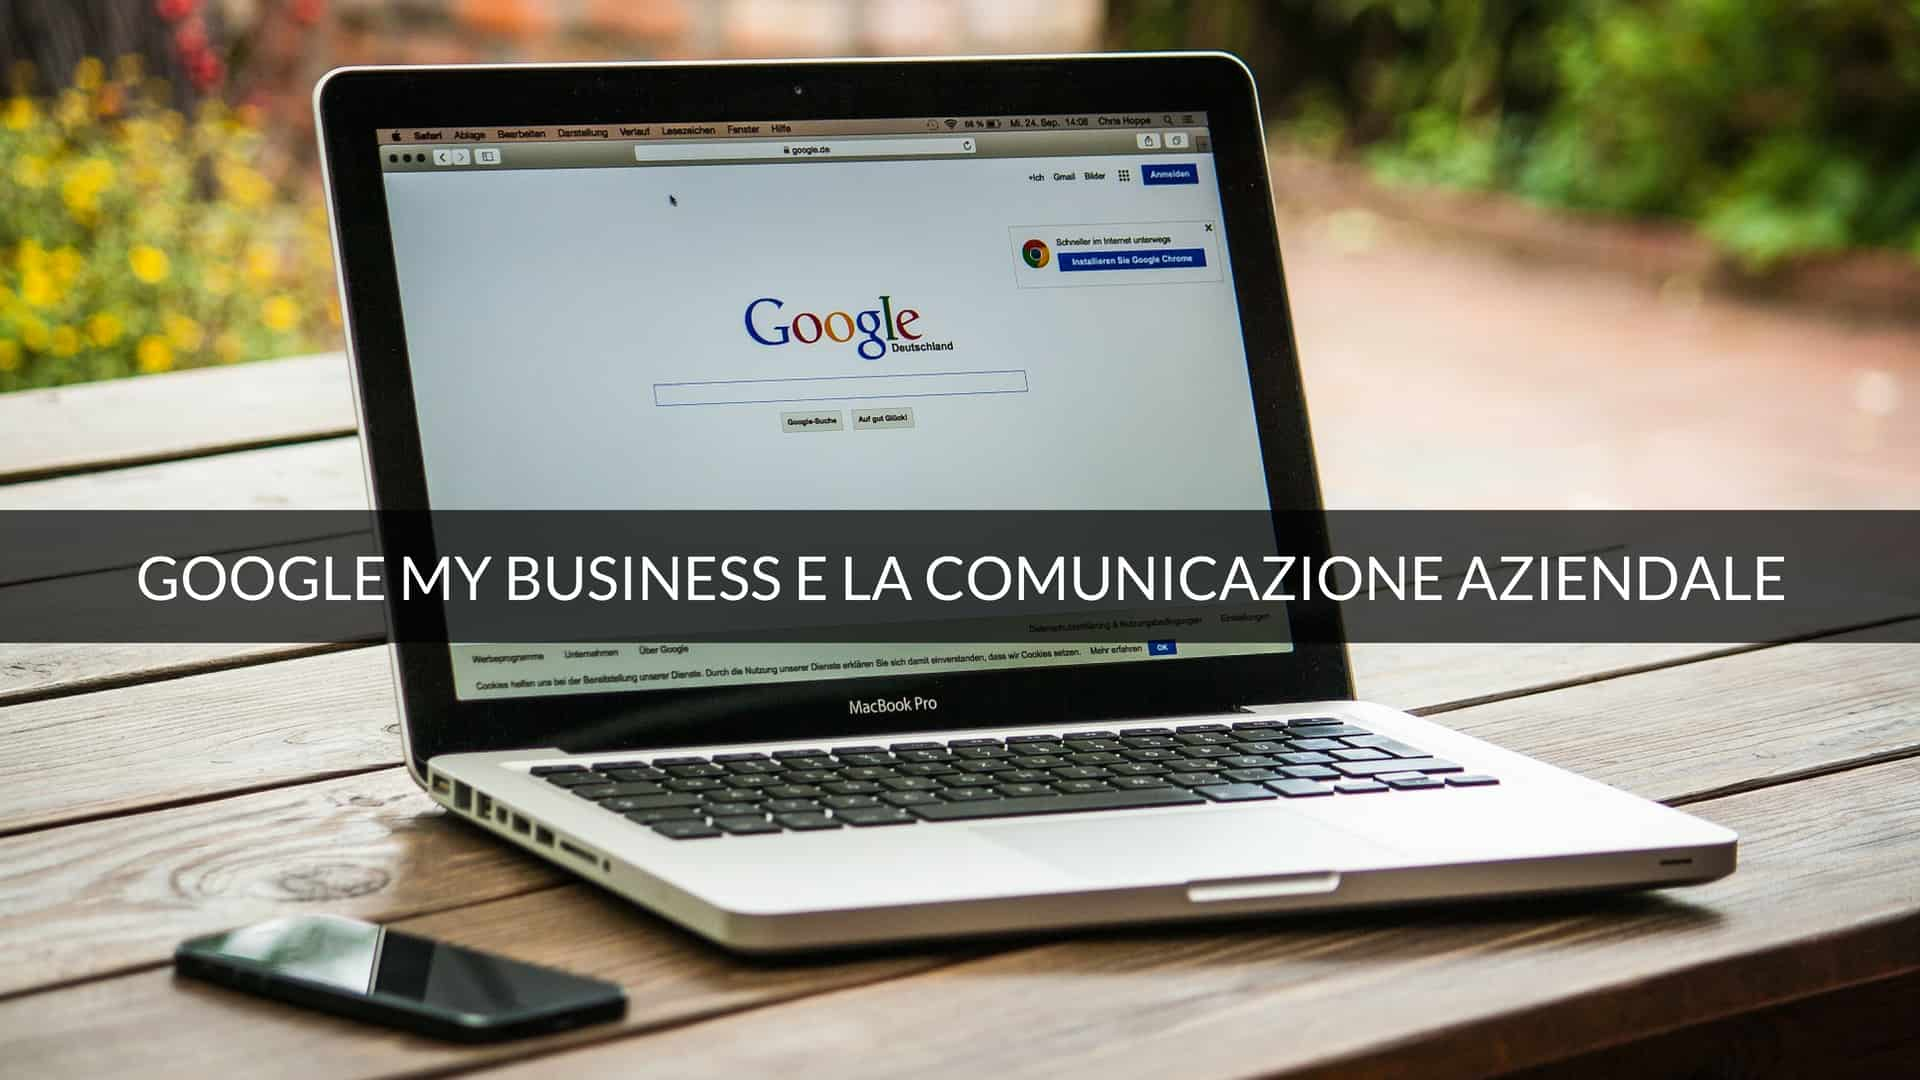 Pregi di Google my Business per la comunicazione aziendale